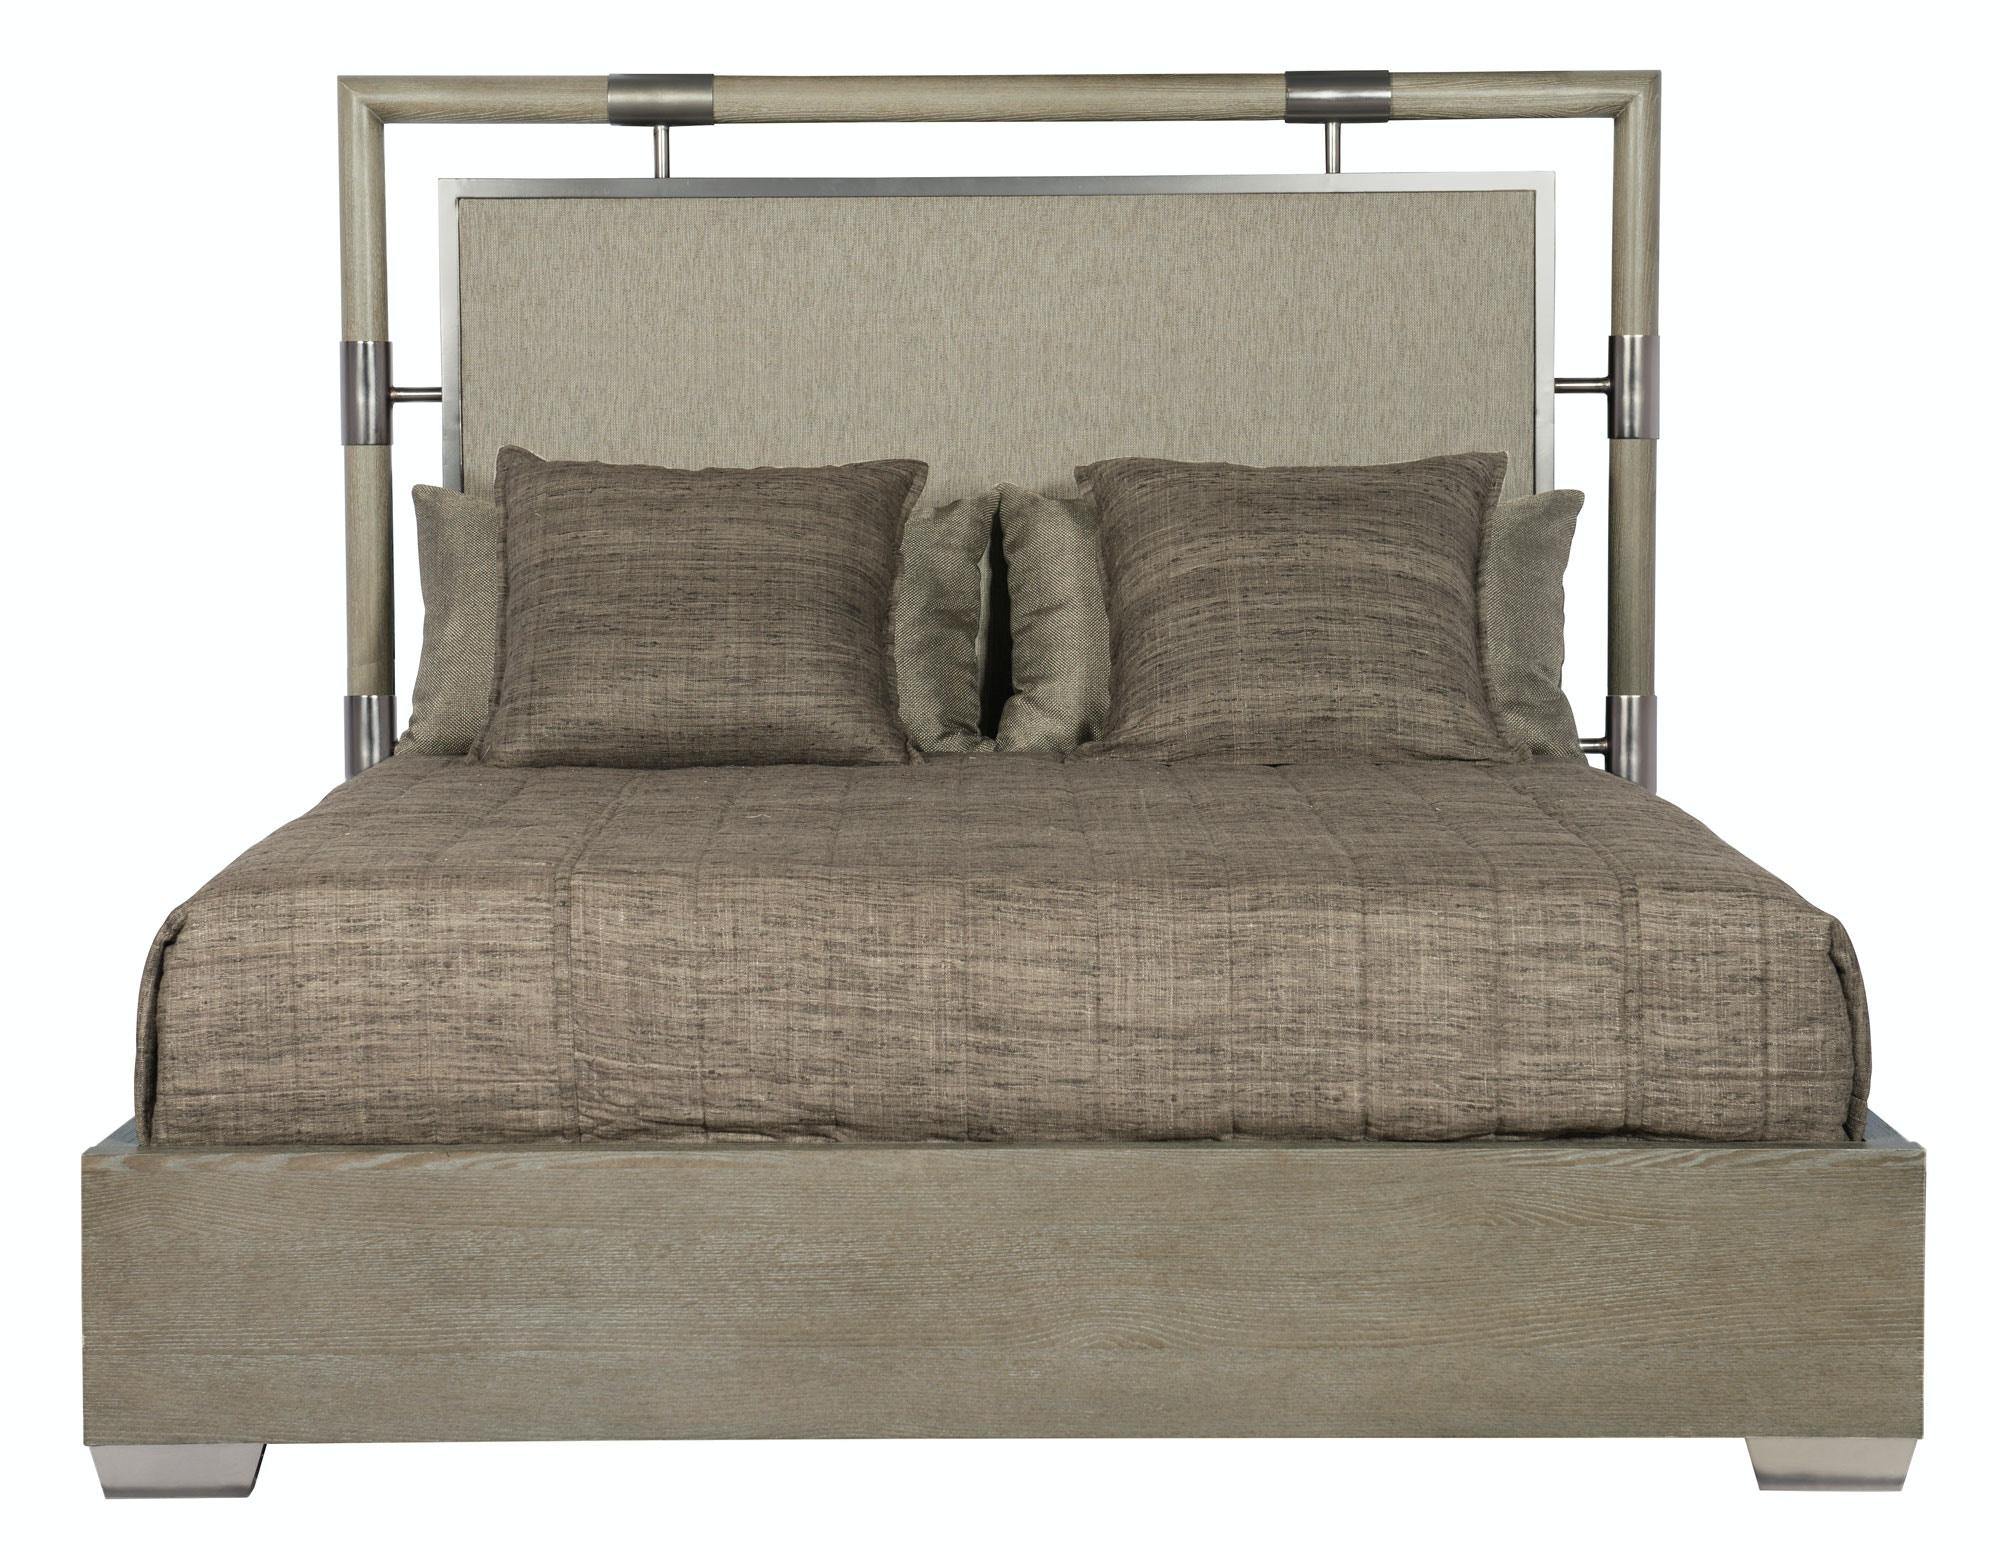 Bernhardt Furniture Mosaic Upholstered Panel Bed 373 H06, 373 FR06